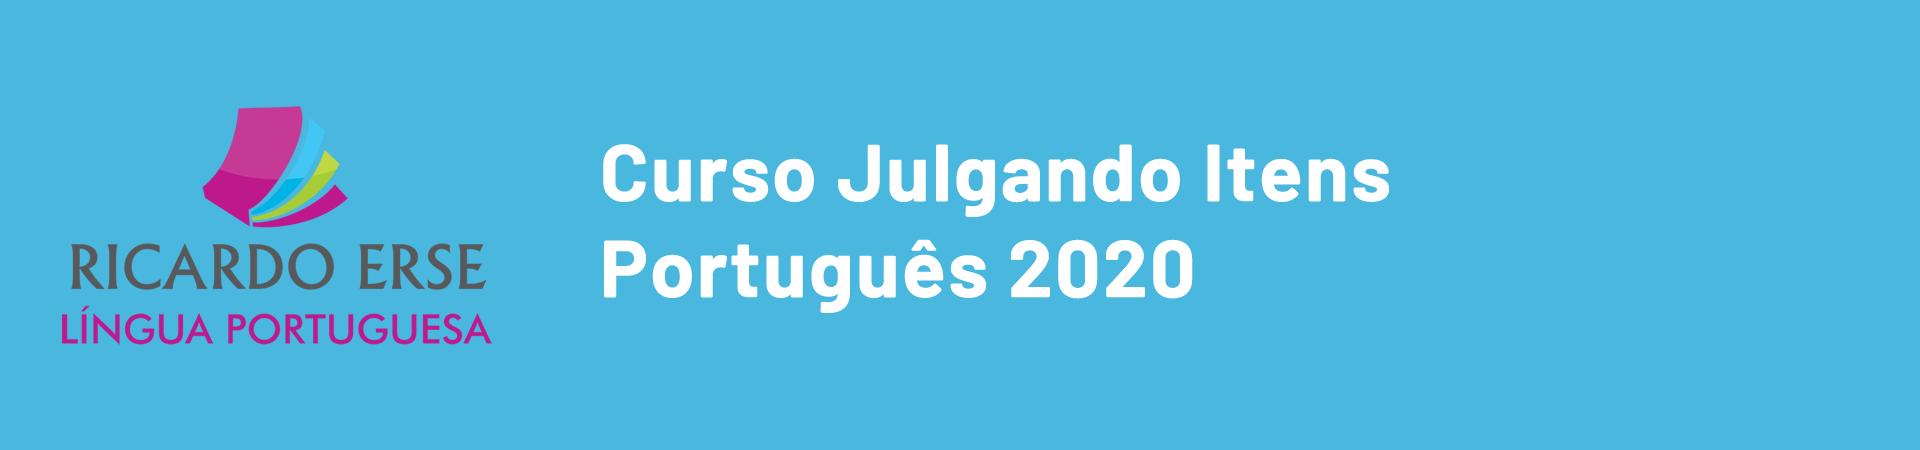 Curso Julgando Itens - Português - 2020